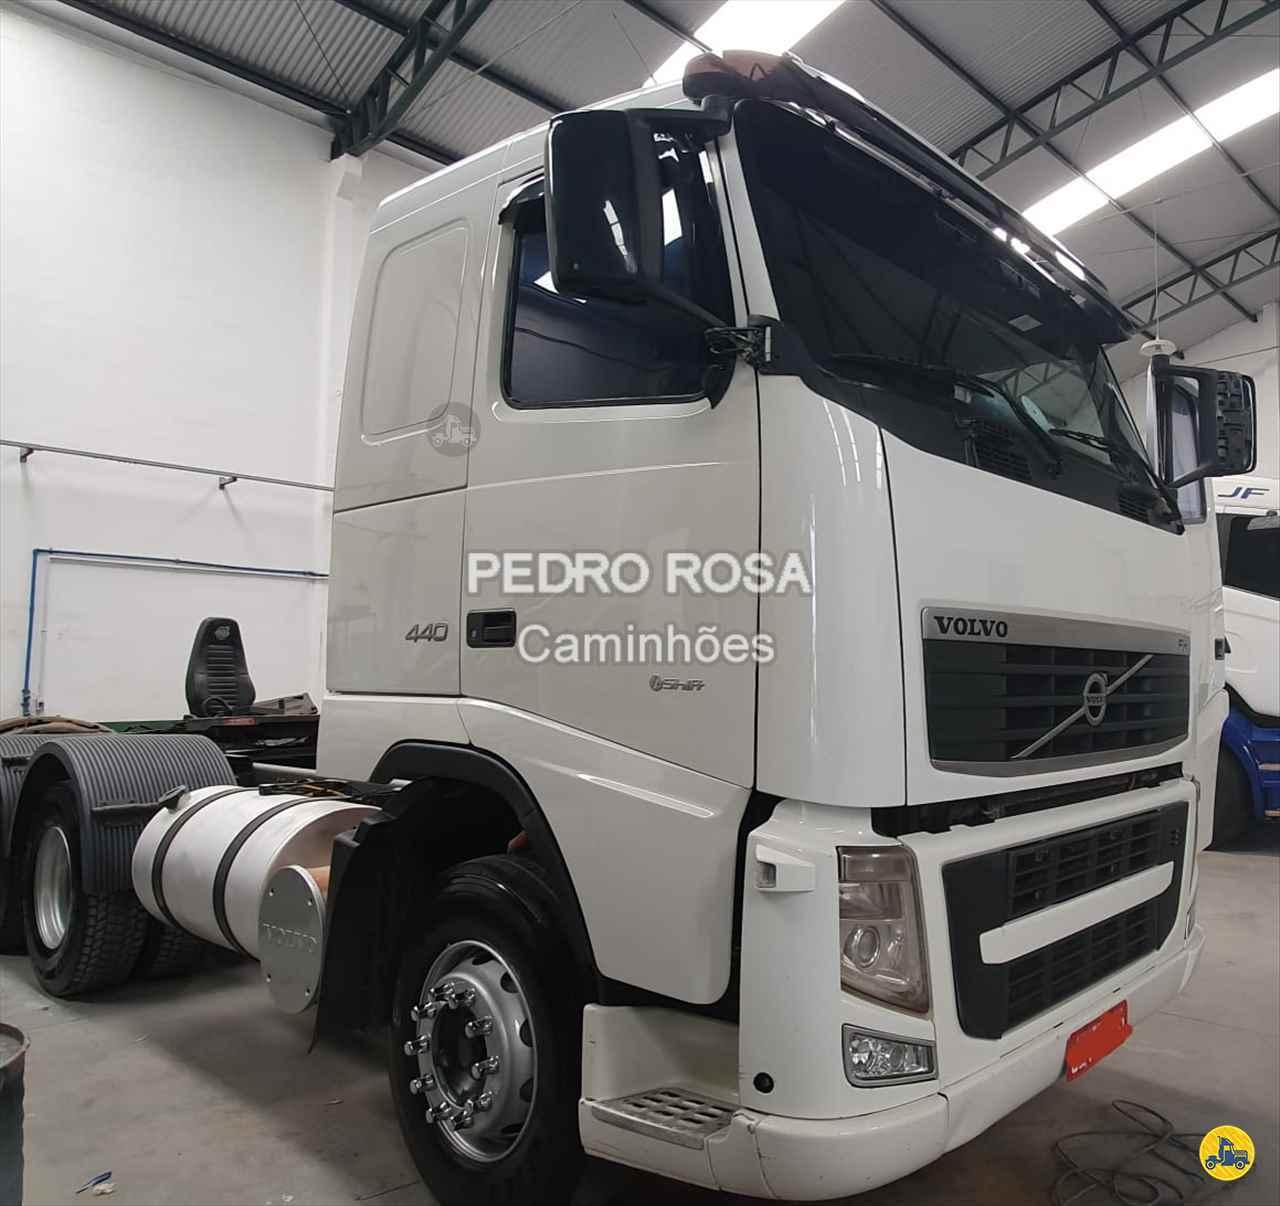 VOLVO VOLVO FH 440 1158092km 2011/2011 Pedro Rosa Caminhões